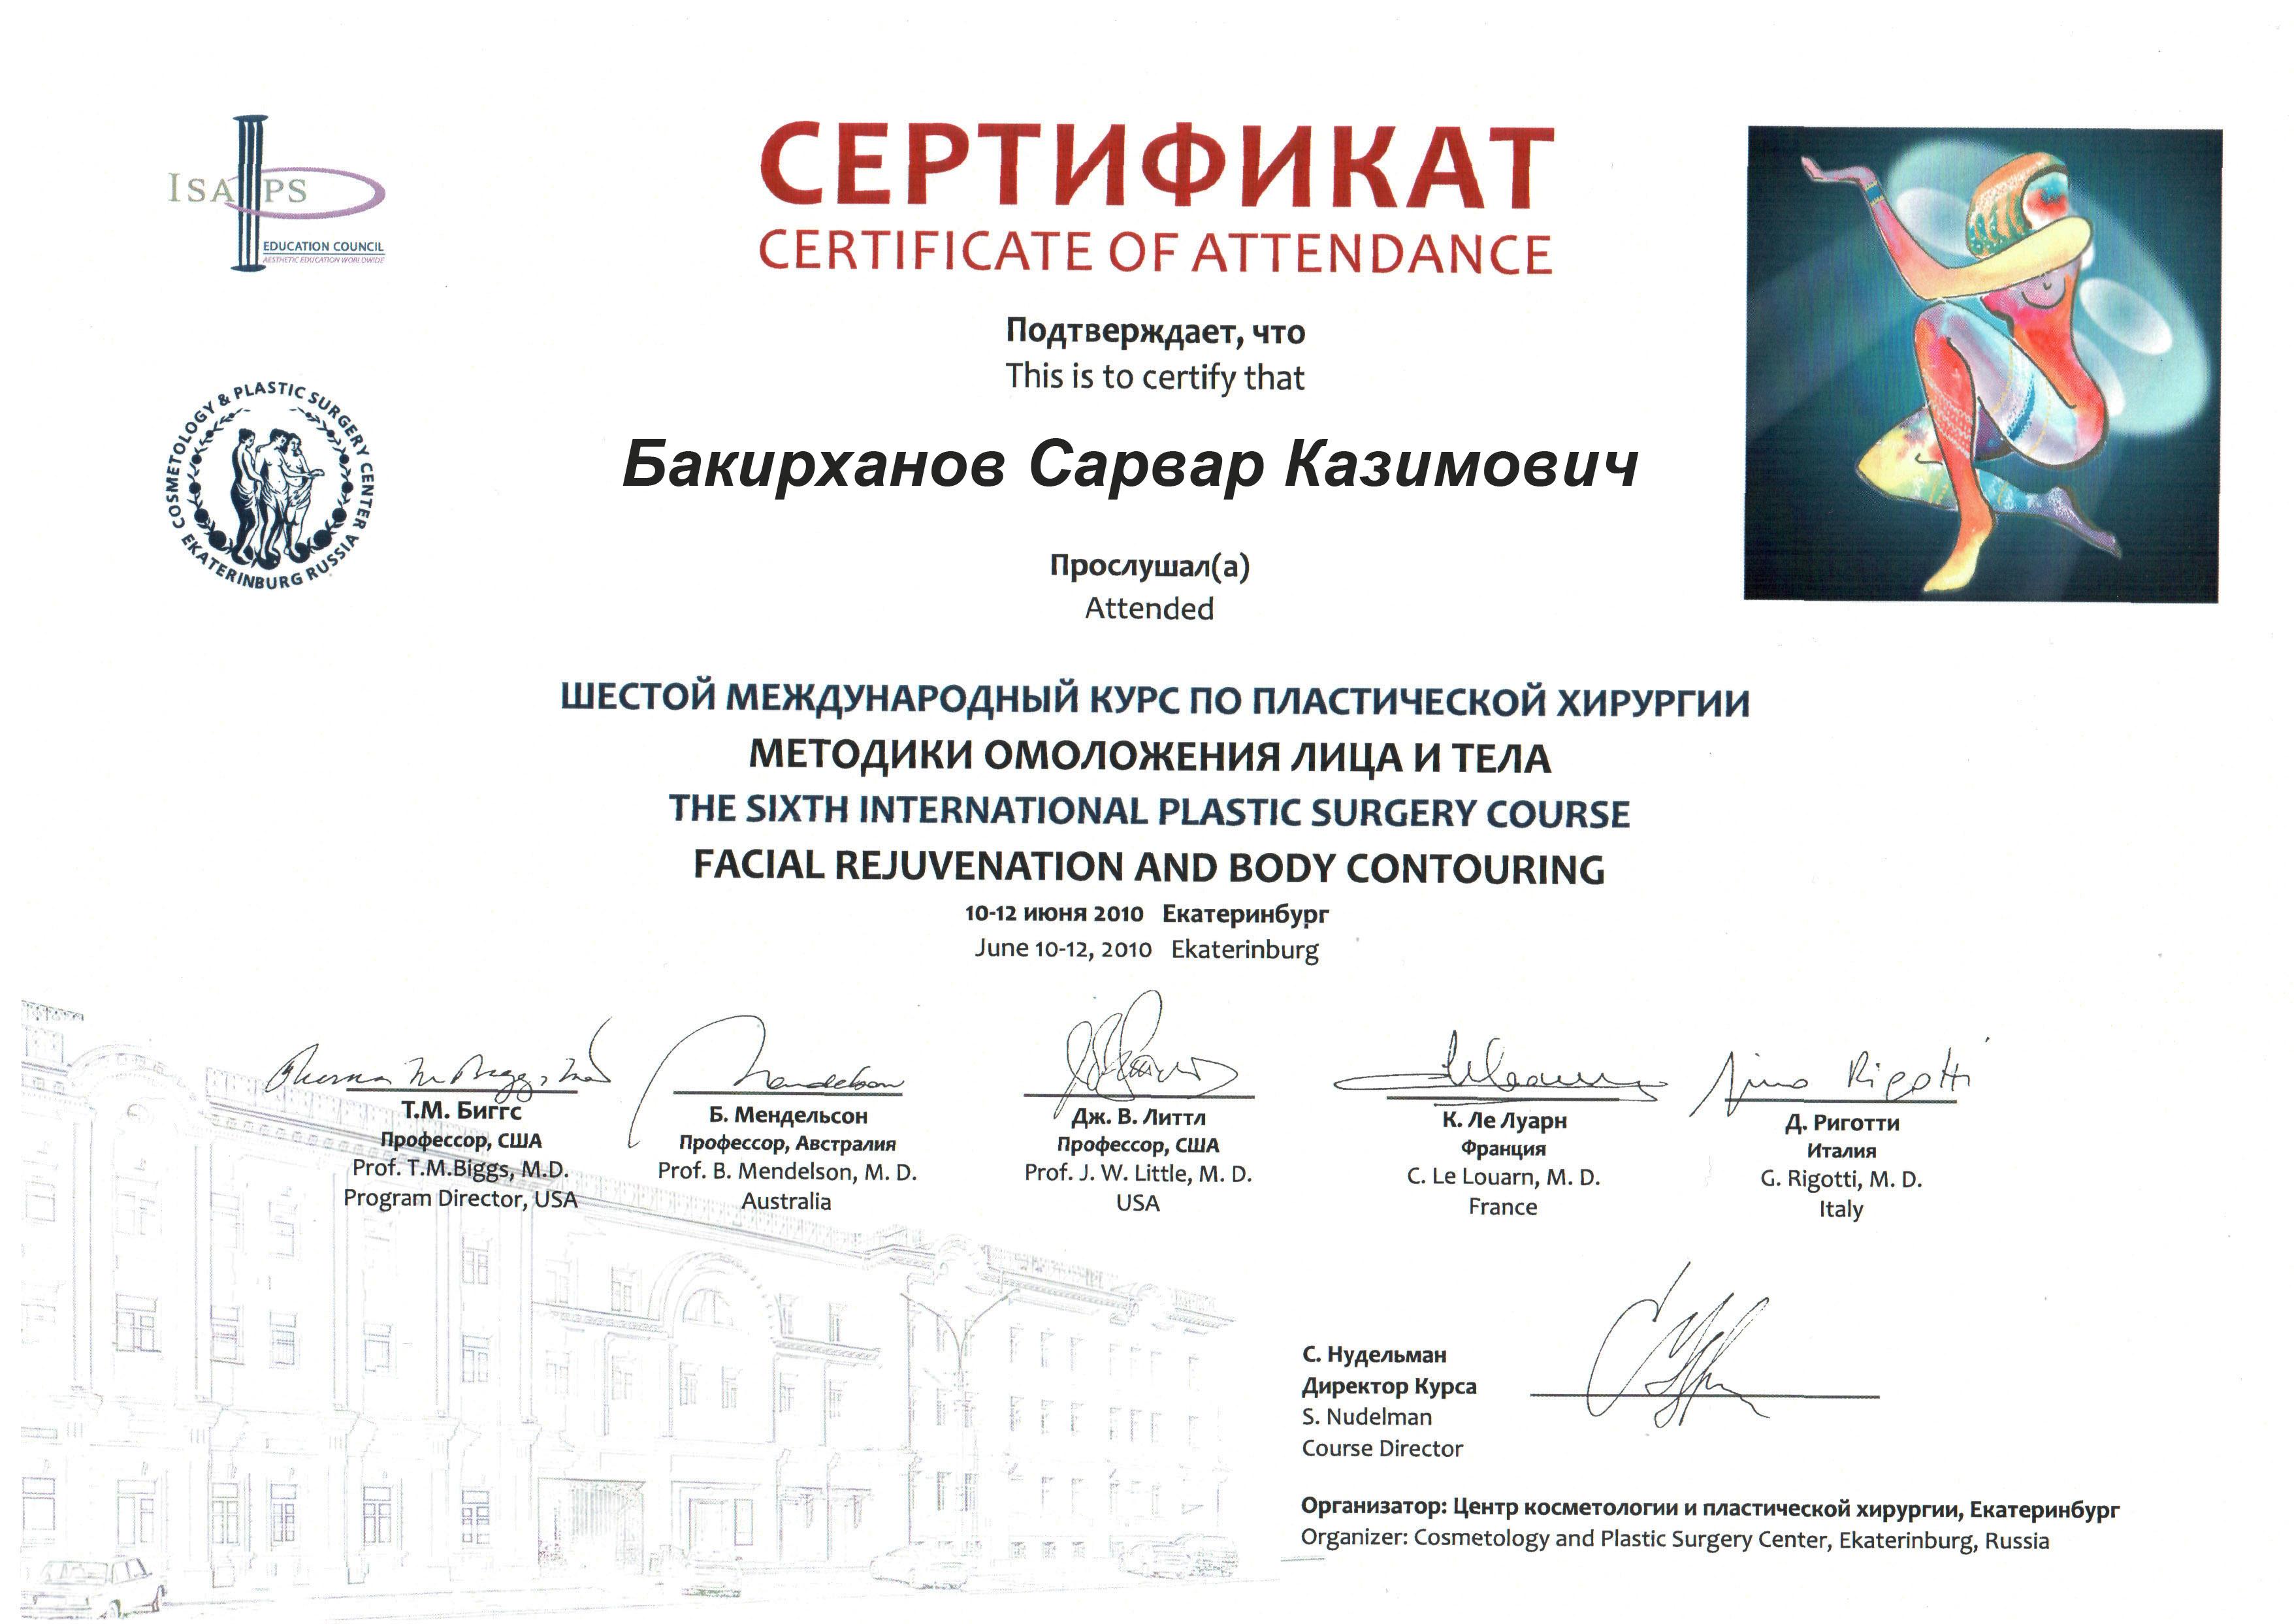 Сертификат 6 международного курса по пластической хирургии методики омоложения лица и тела